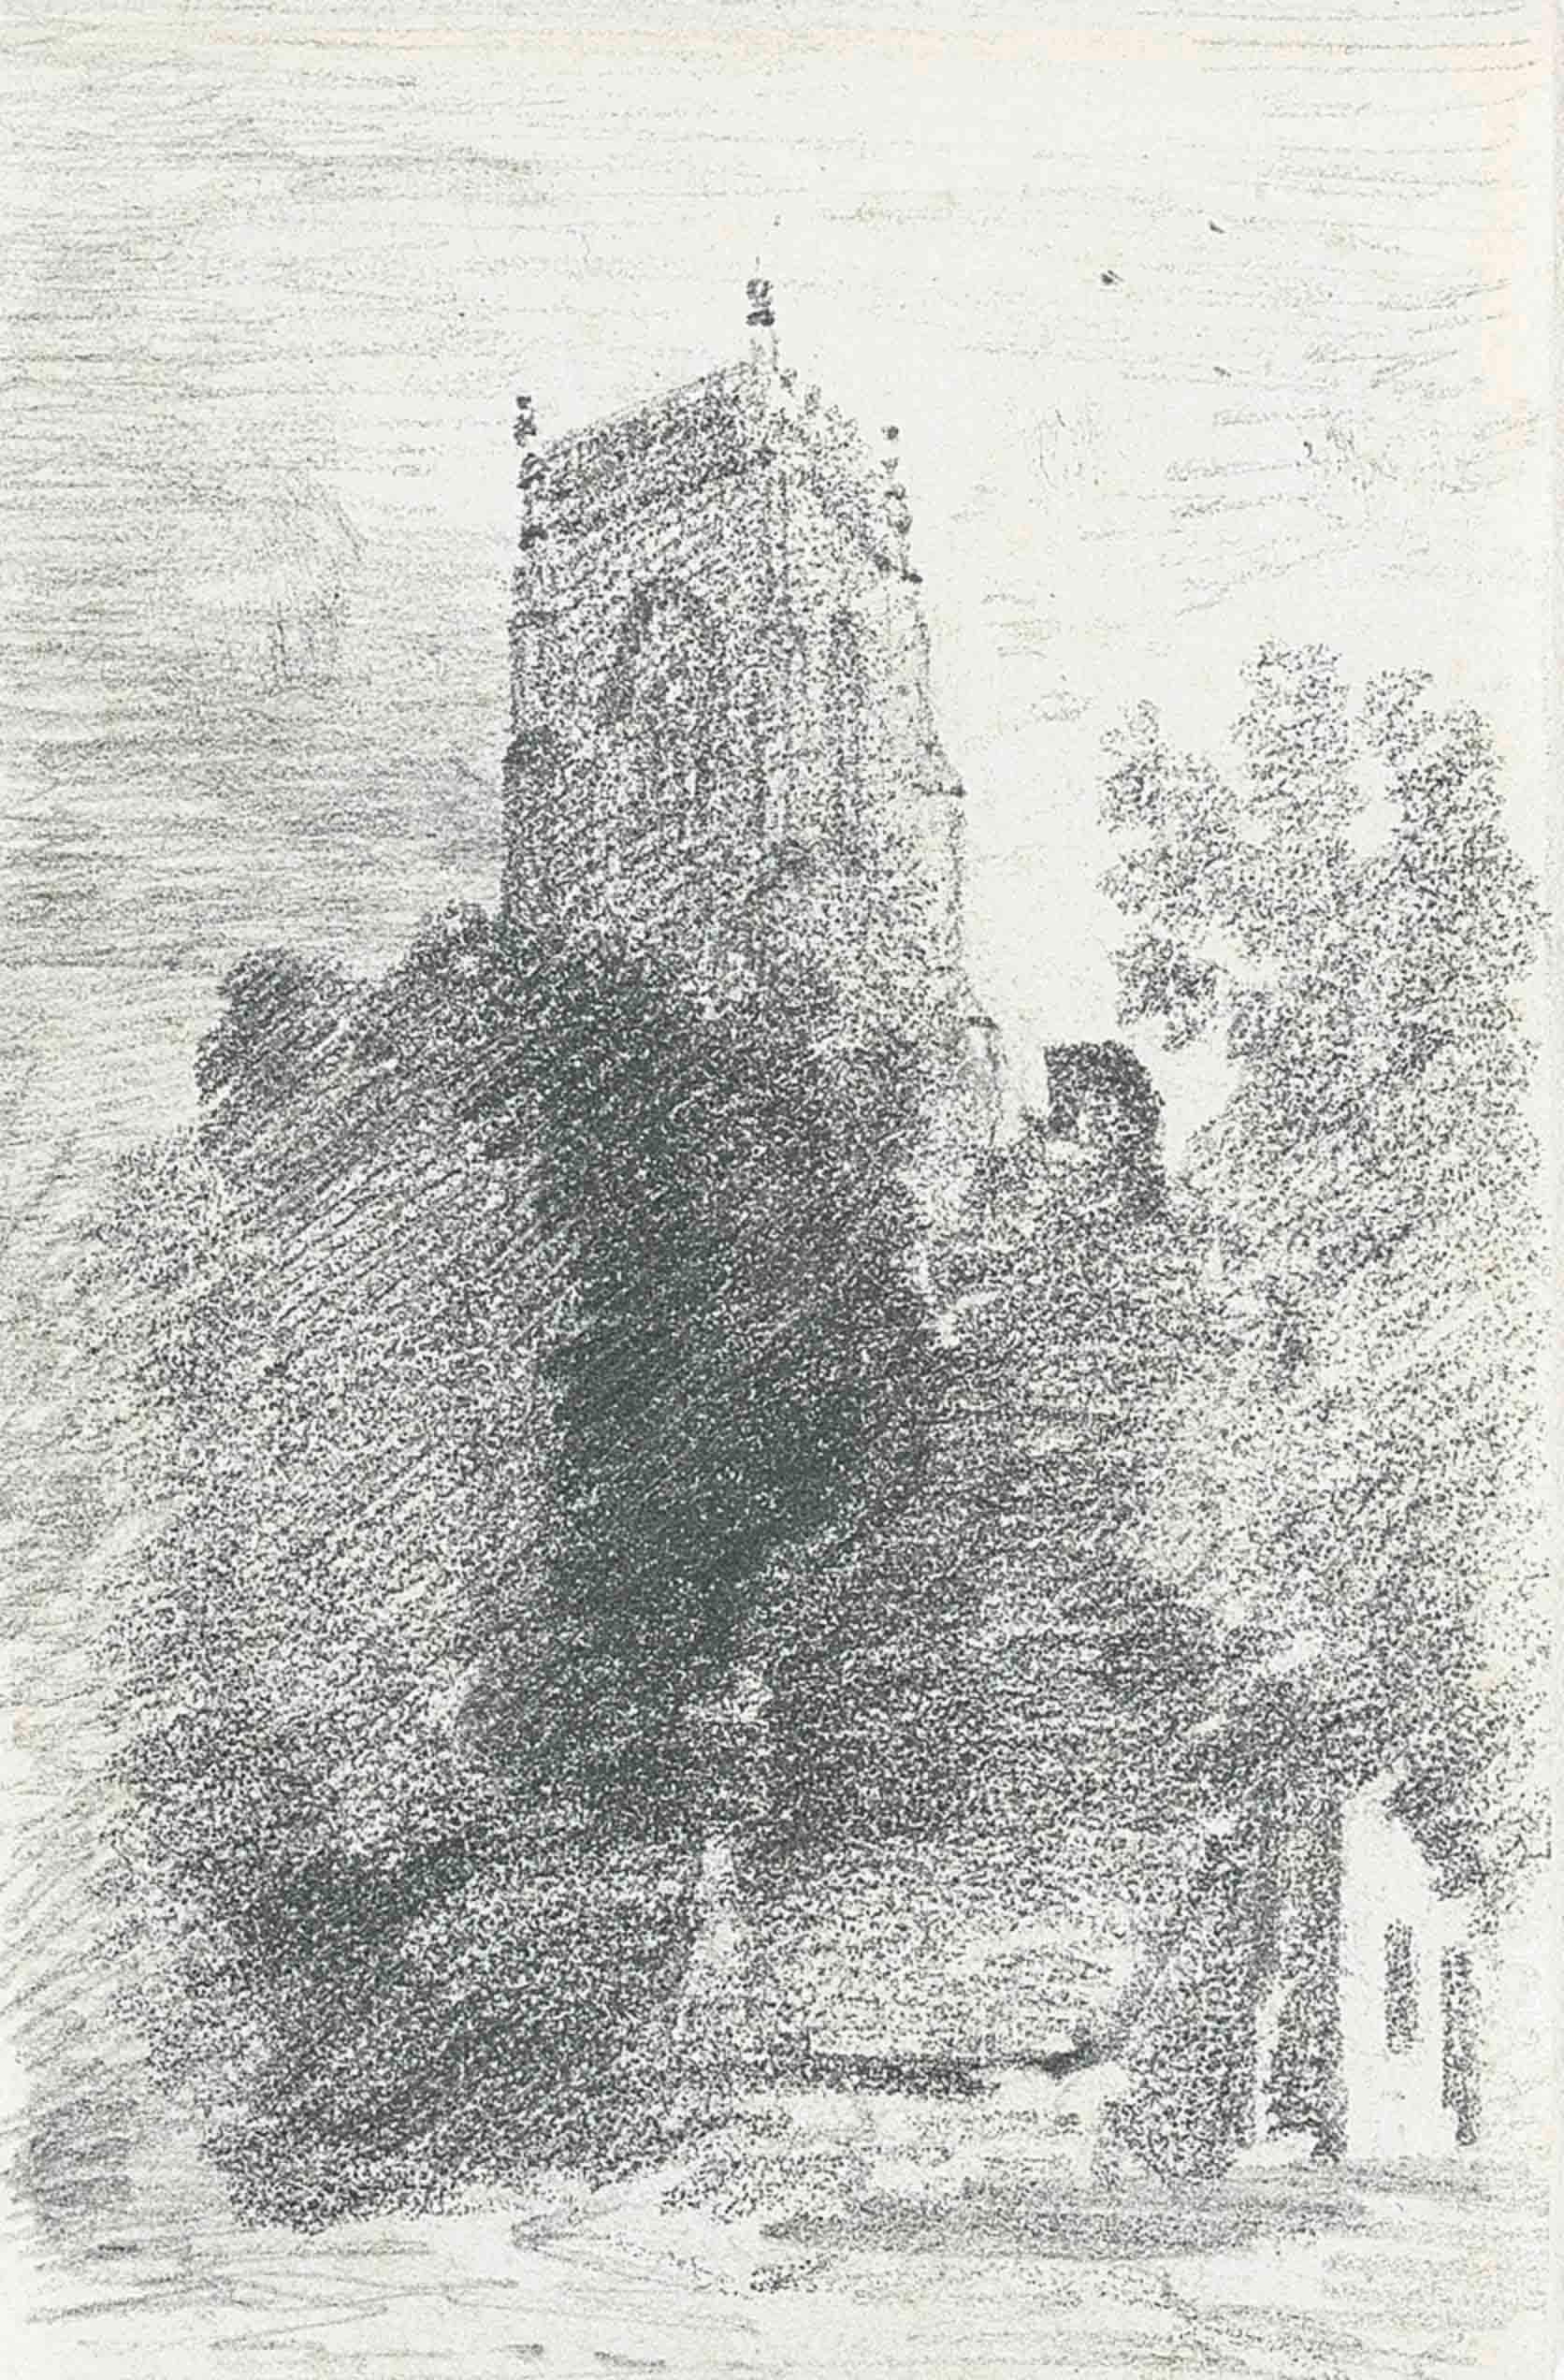 John Constable, R.A. (East Ber